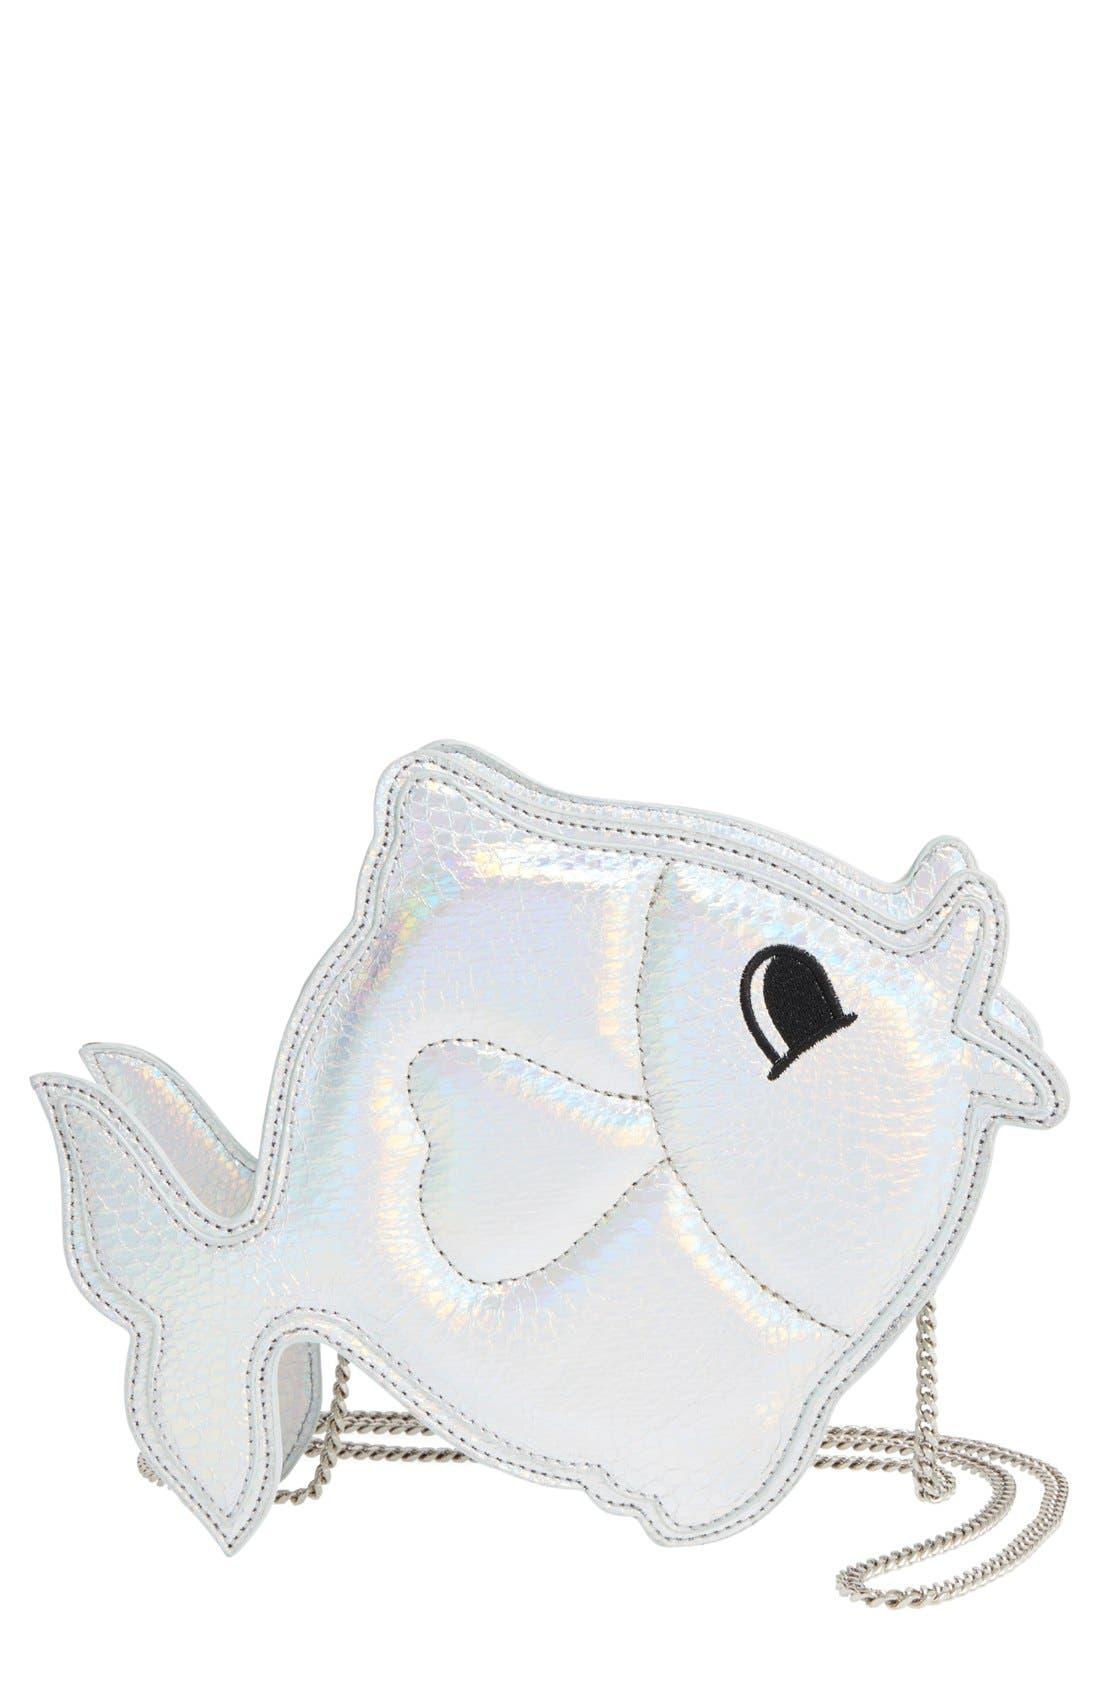 Alternate Image 1 Selected - Nila Anthony 'Fish' Metallic Faux Leather Crossbody Bag